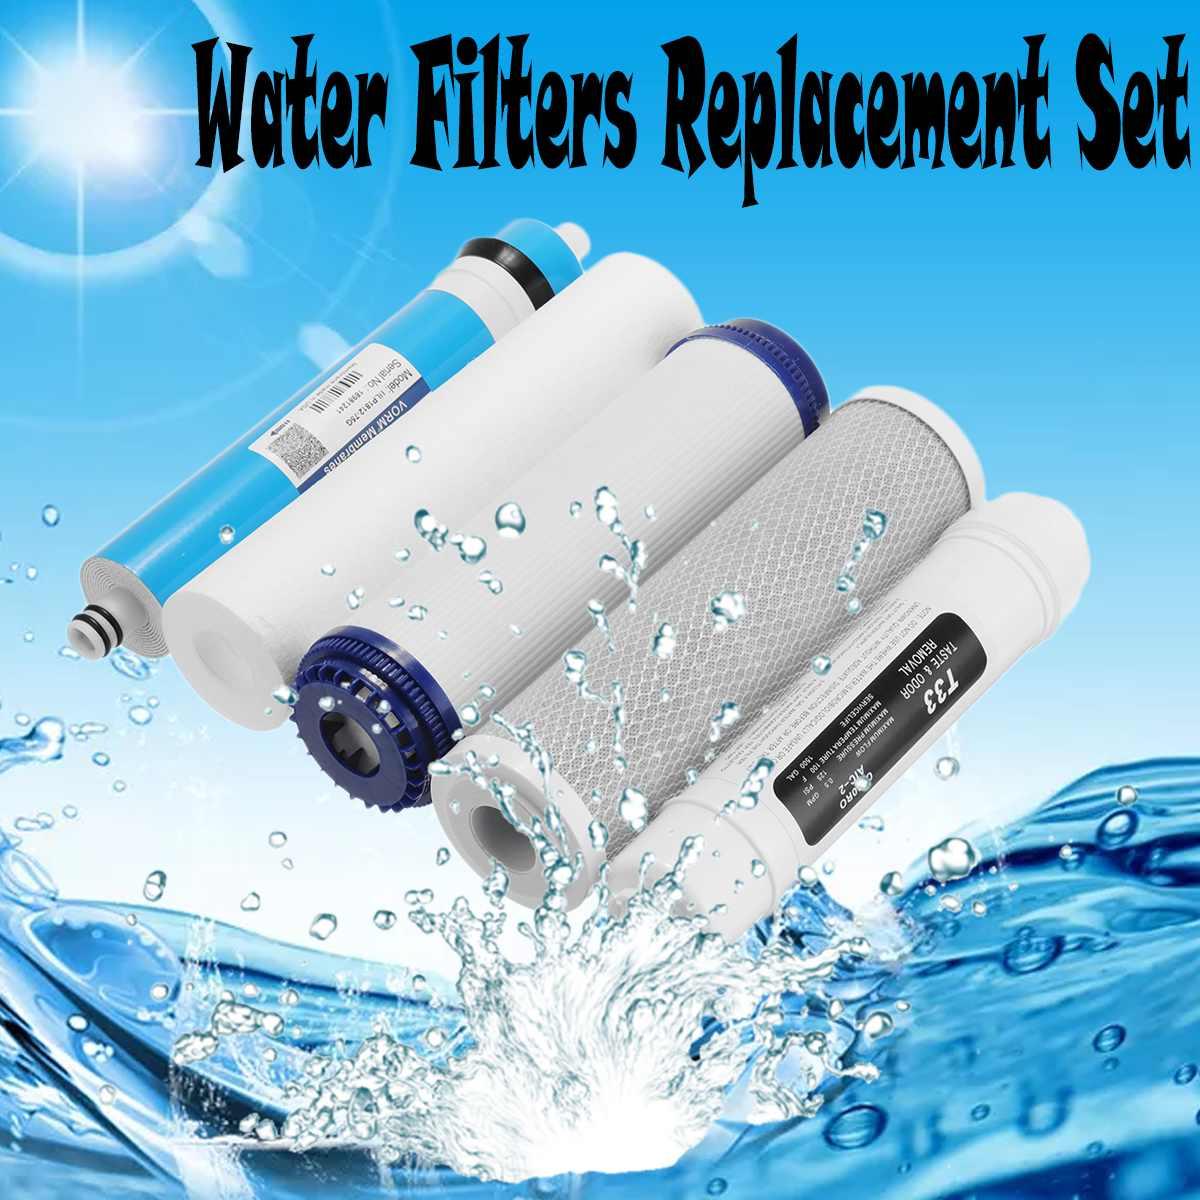 5 Conjunto de Substituição de Filtros de Água de Osmose Reversa RO palco com 75 GPD Membrana Cartucho de Filtro de Água Purificador de Água para Uso Doméstico